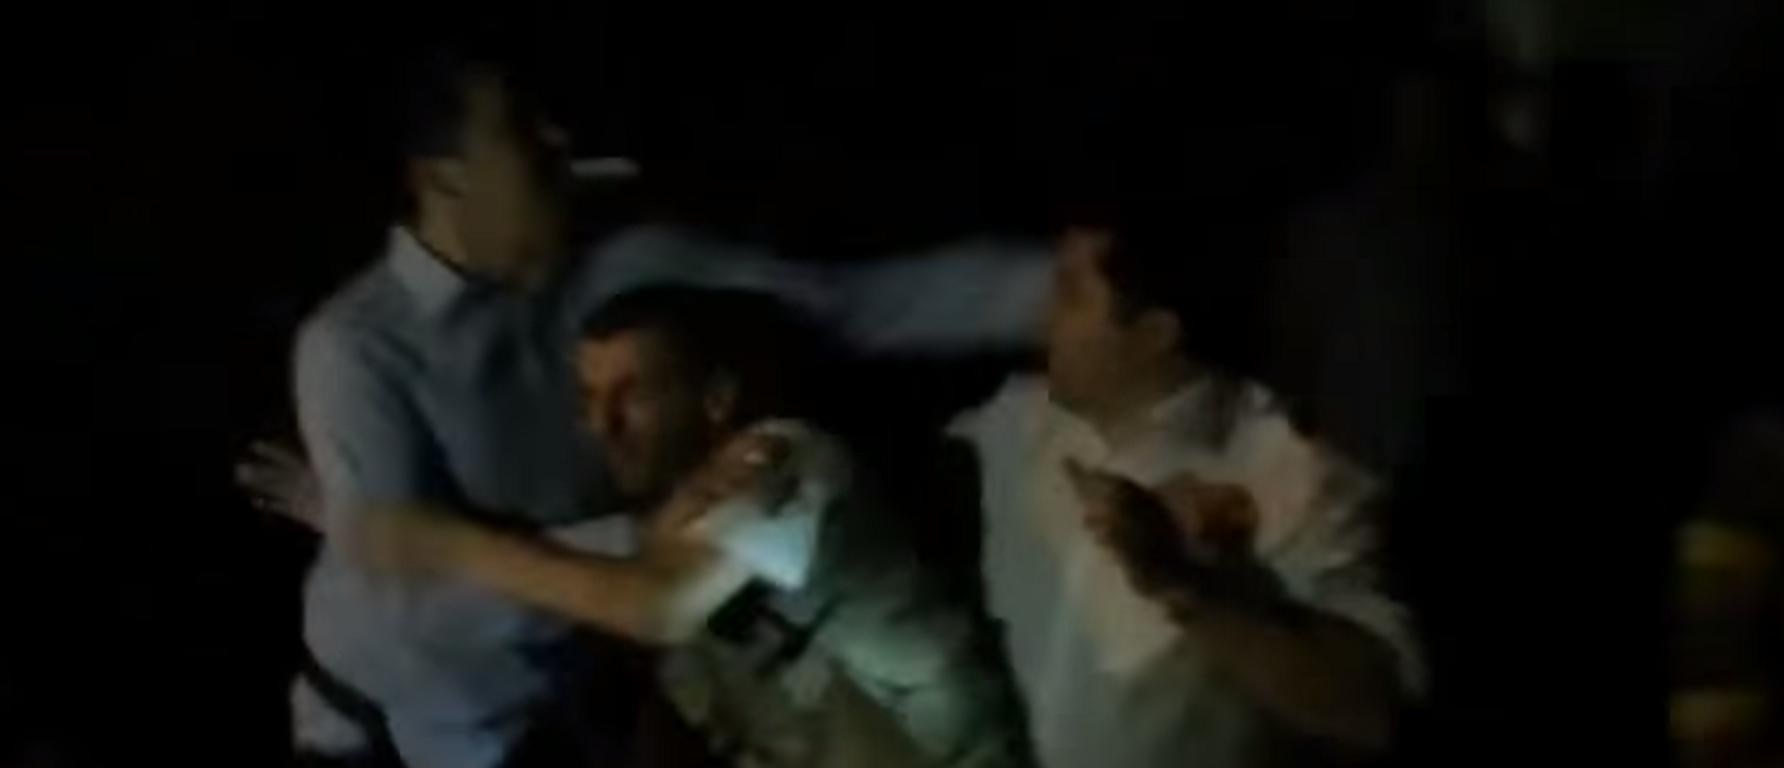 Инцидент помеѓу новинарите: Пред резиденцијата на ЕУ се степаа Саше Политико и Александар Сарма